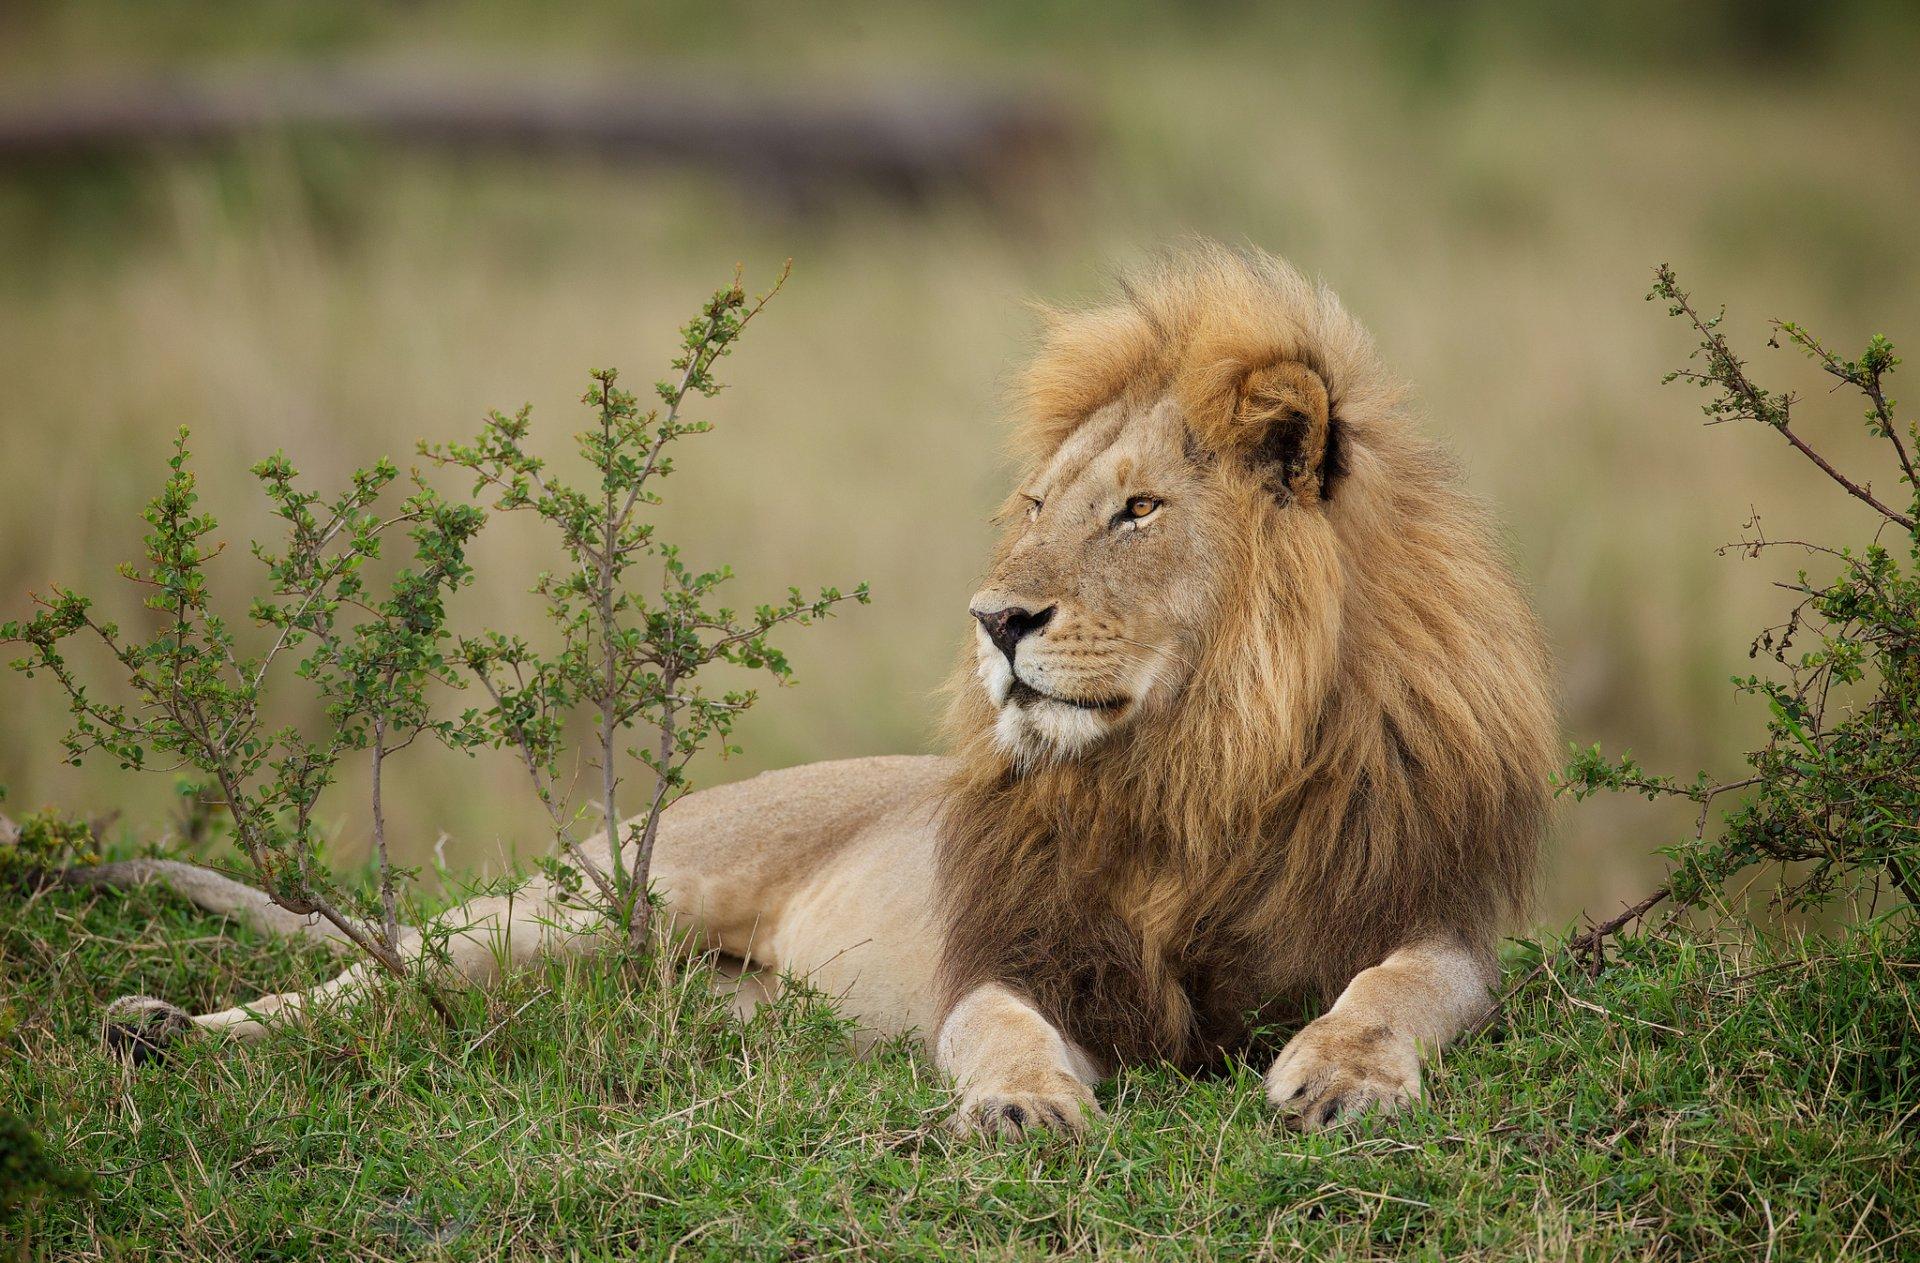 качественное фото львов обычно